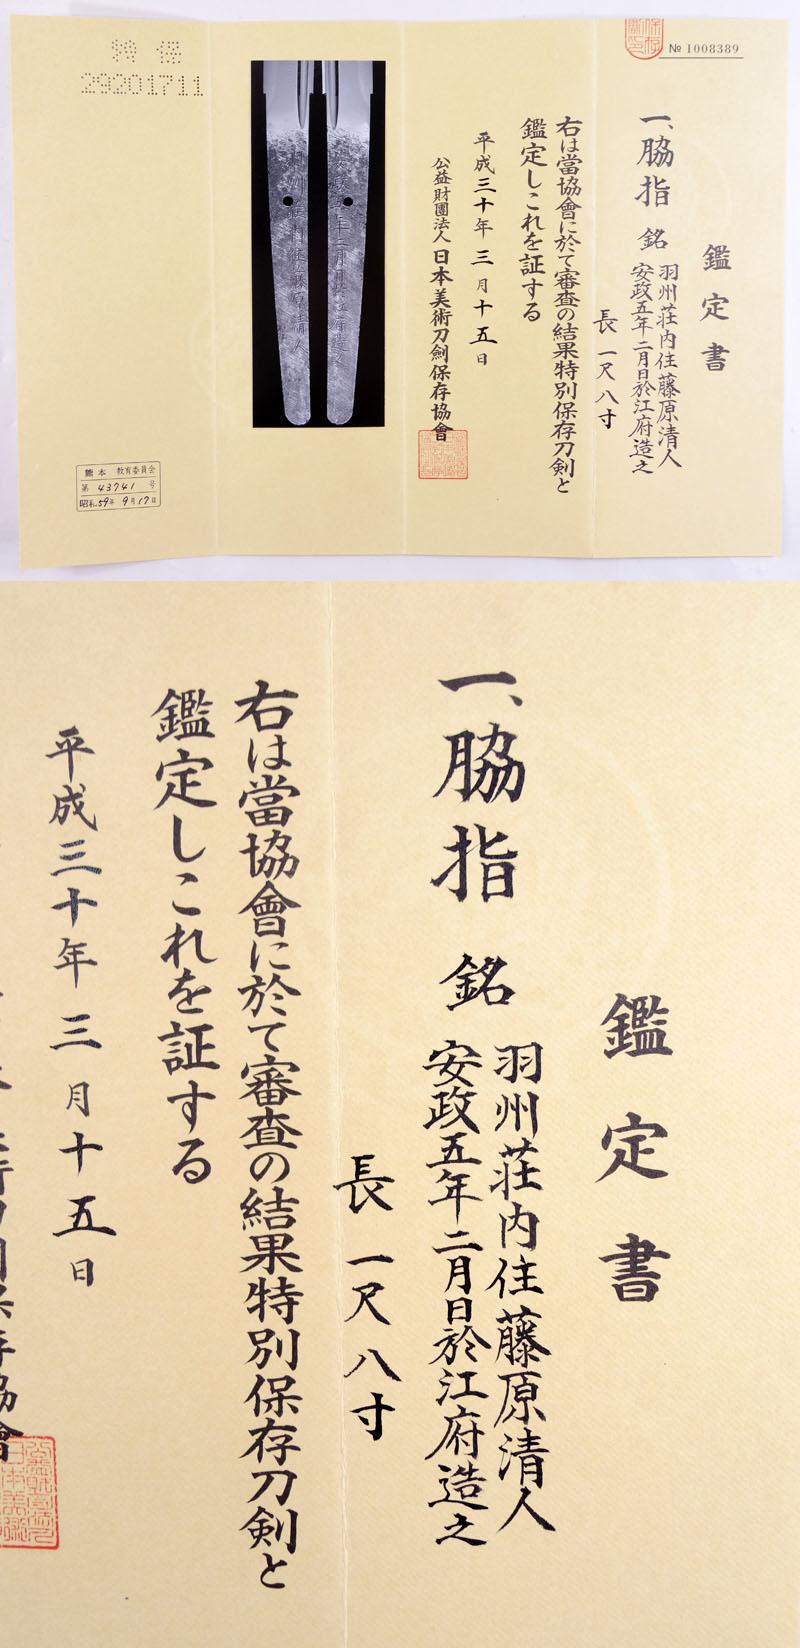 藤原清人(豊前守清人) Picture of Certificate